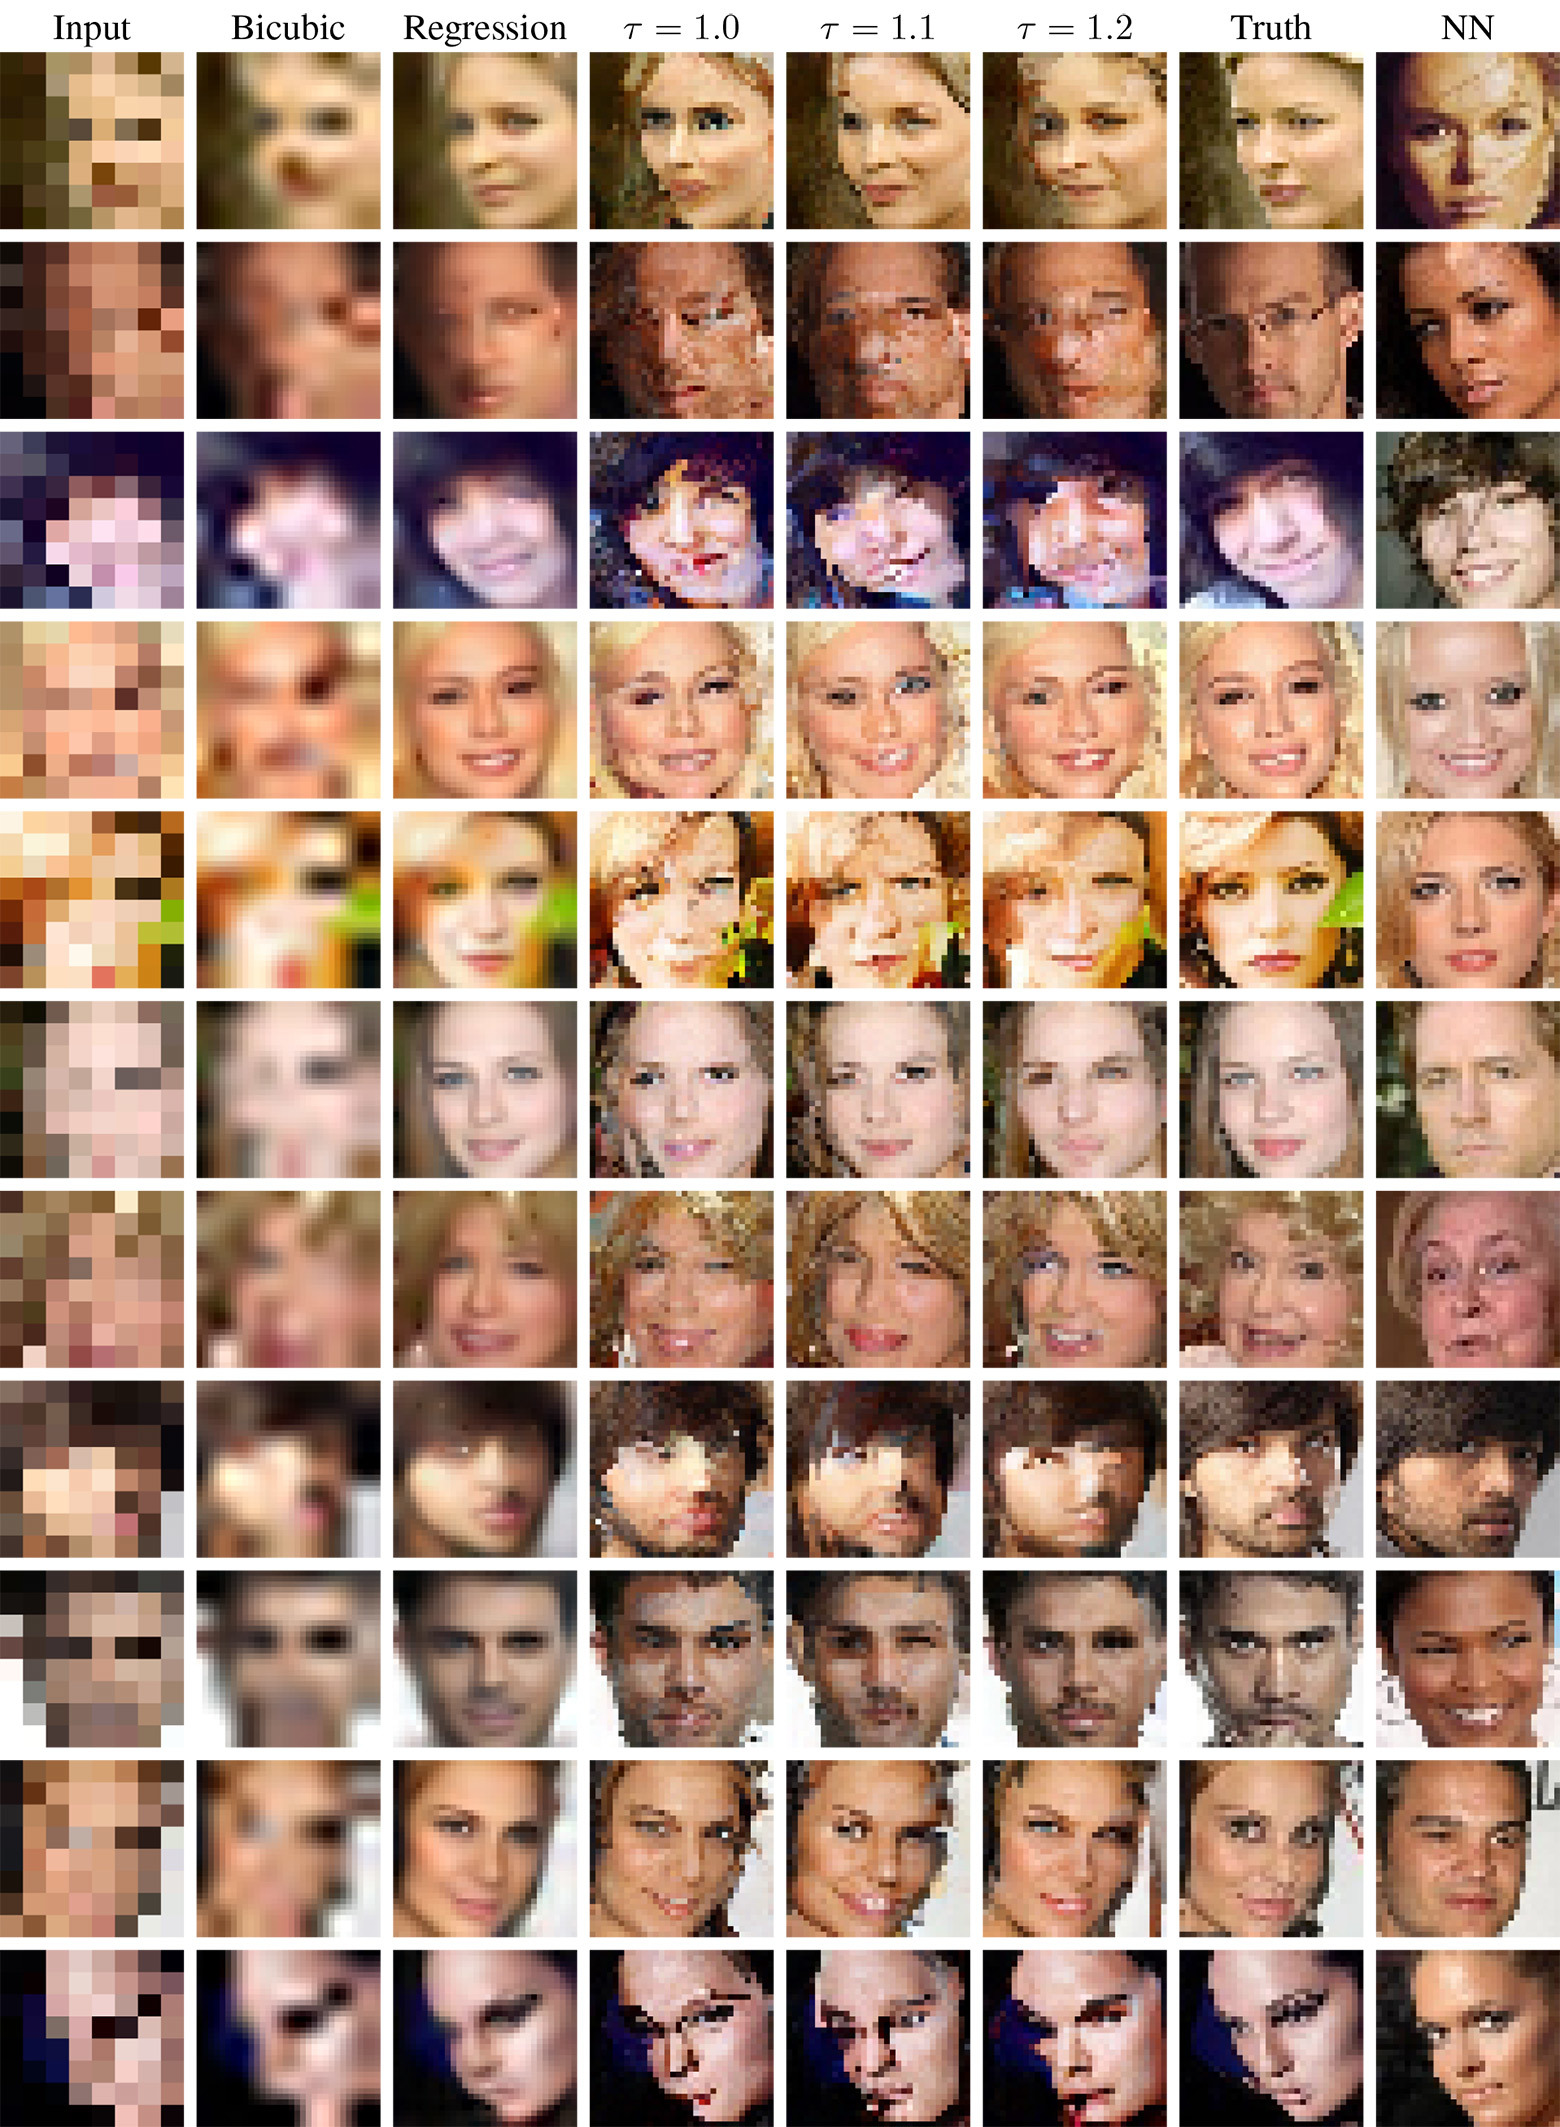 Вероятностное улучшение фотографий по нескольким пикселям: модель Google Brain - 16